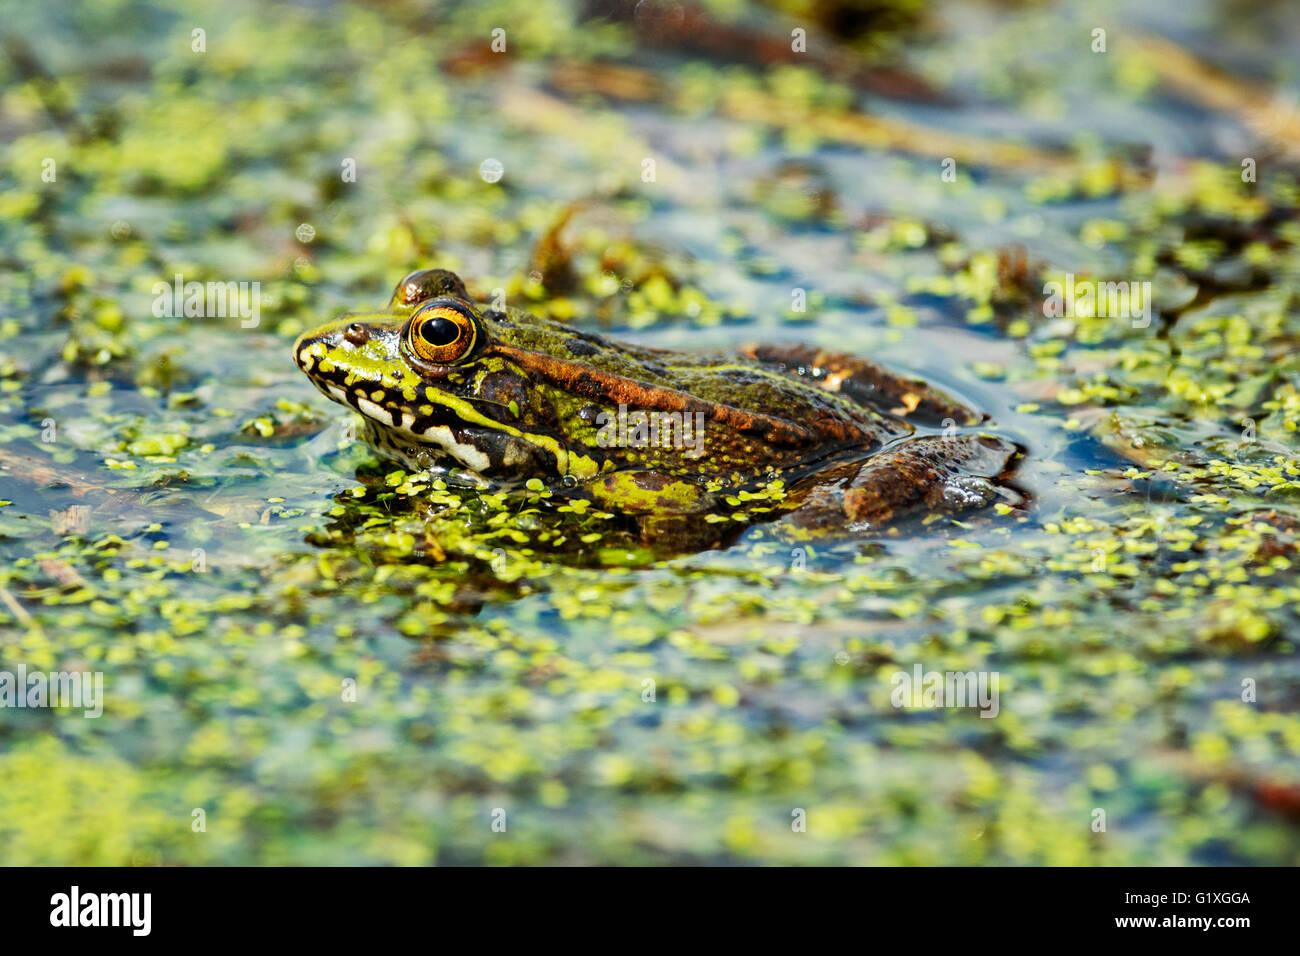 Un pantano frog mezcla con sus alrededores. Imagen De Stock